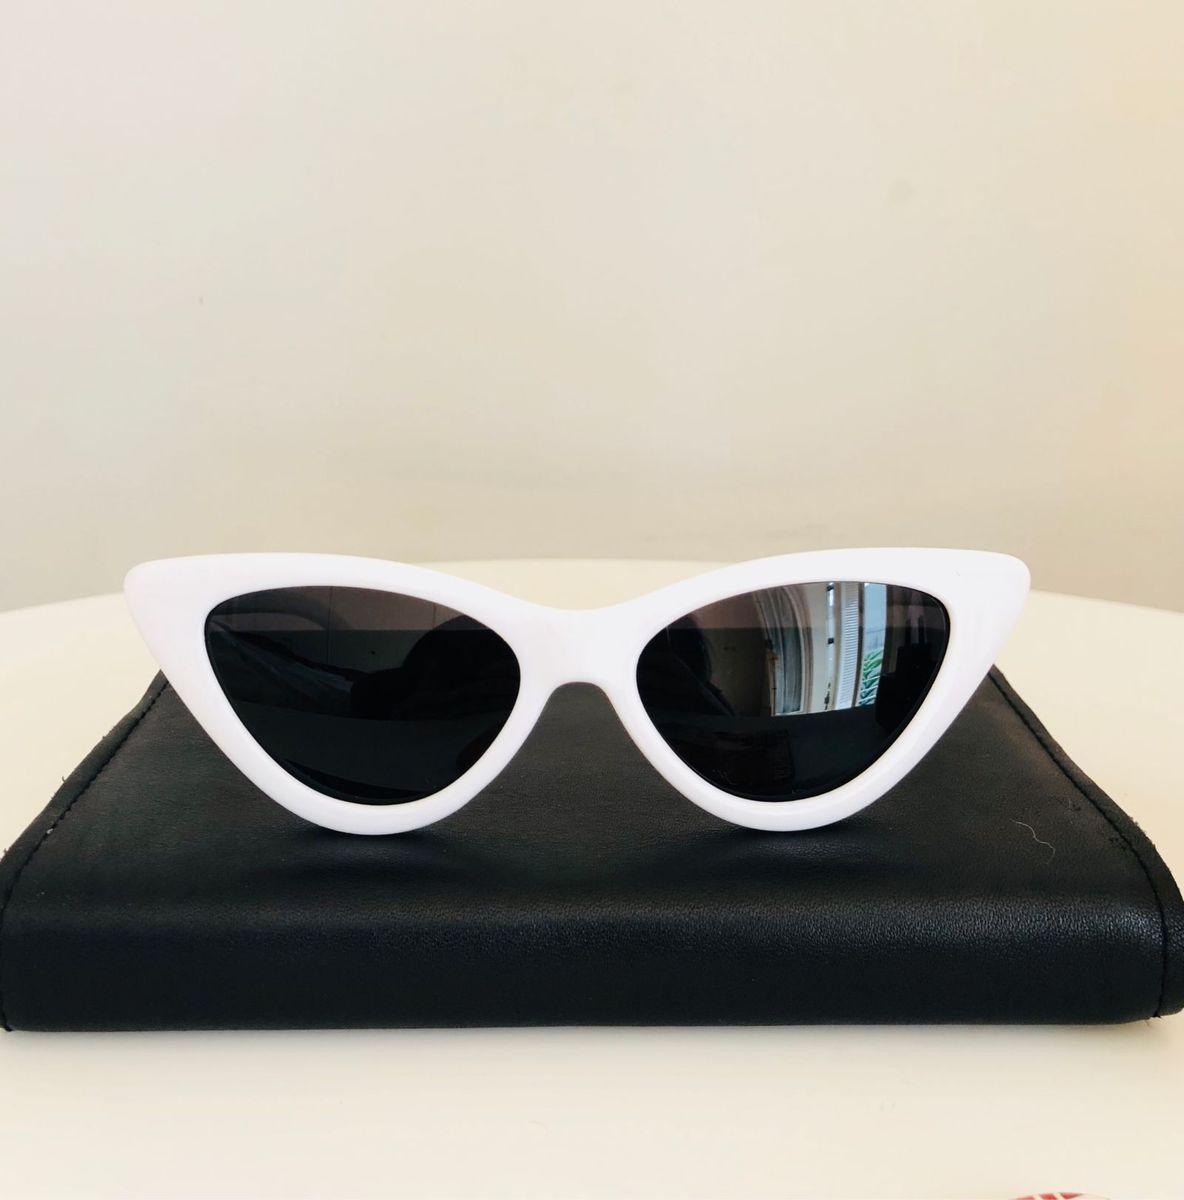 c0ba42a41dfab óculos gatinha vintage branco - óculos sem-marca.  Czm6ly9wag90b3muzw5qb2vplmnvbs5ici9wcm9kdwn0cy8ymta4mtavmddhn2fhntk4yzdimty5ymvkztiynmu3mdk3ngyzymiuanbn  ...